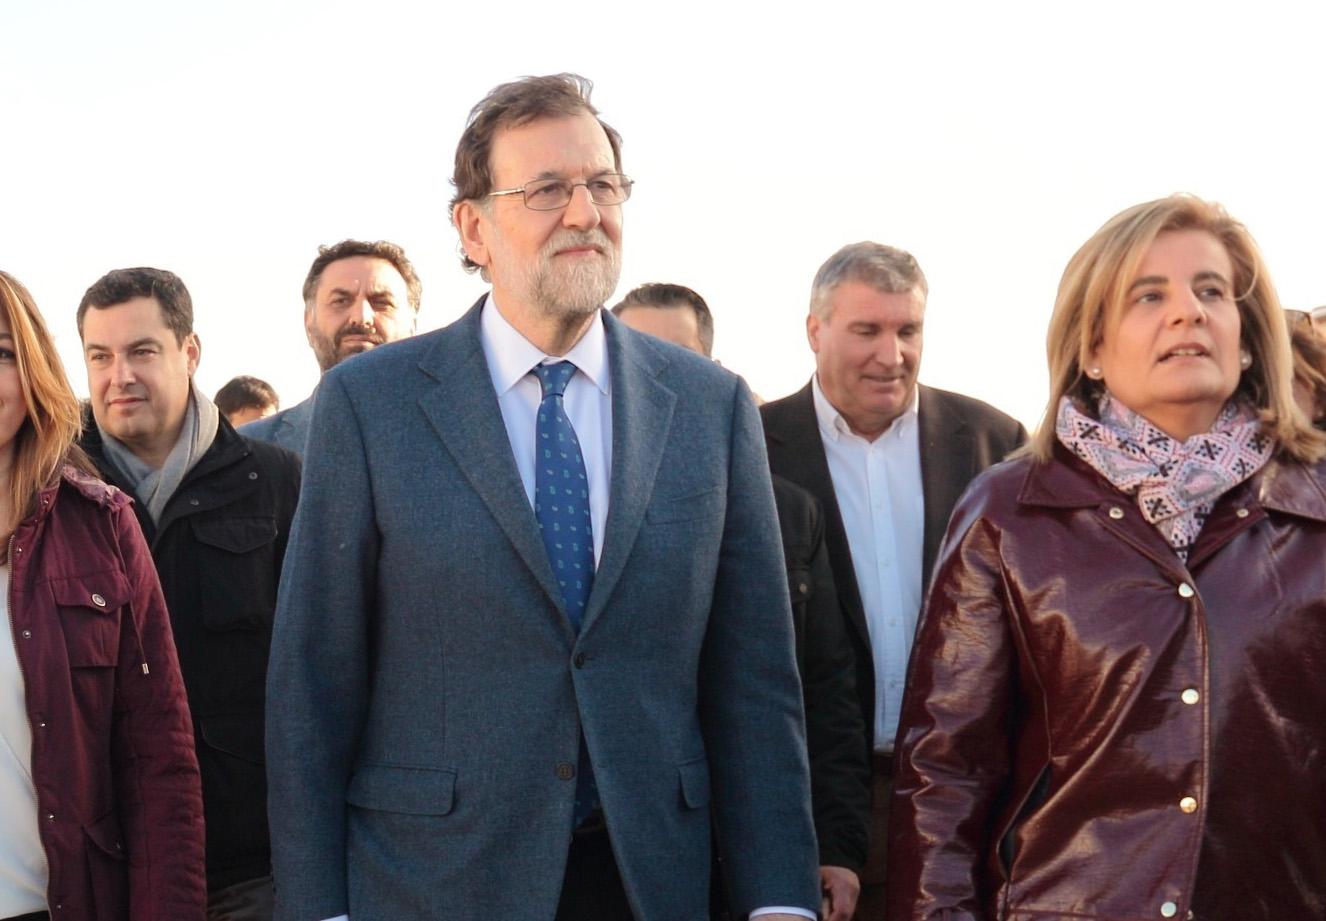 El presidente del Gobierno, Mariano Rajoy, comparecerá en el Congreso para hablar de pensiones el 14 de marzo.